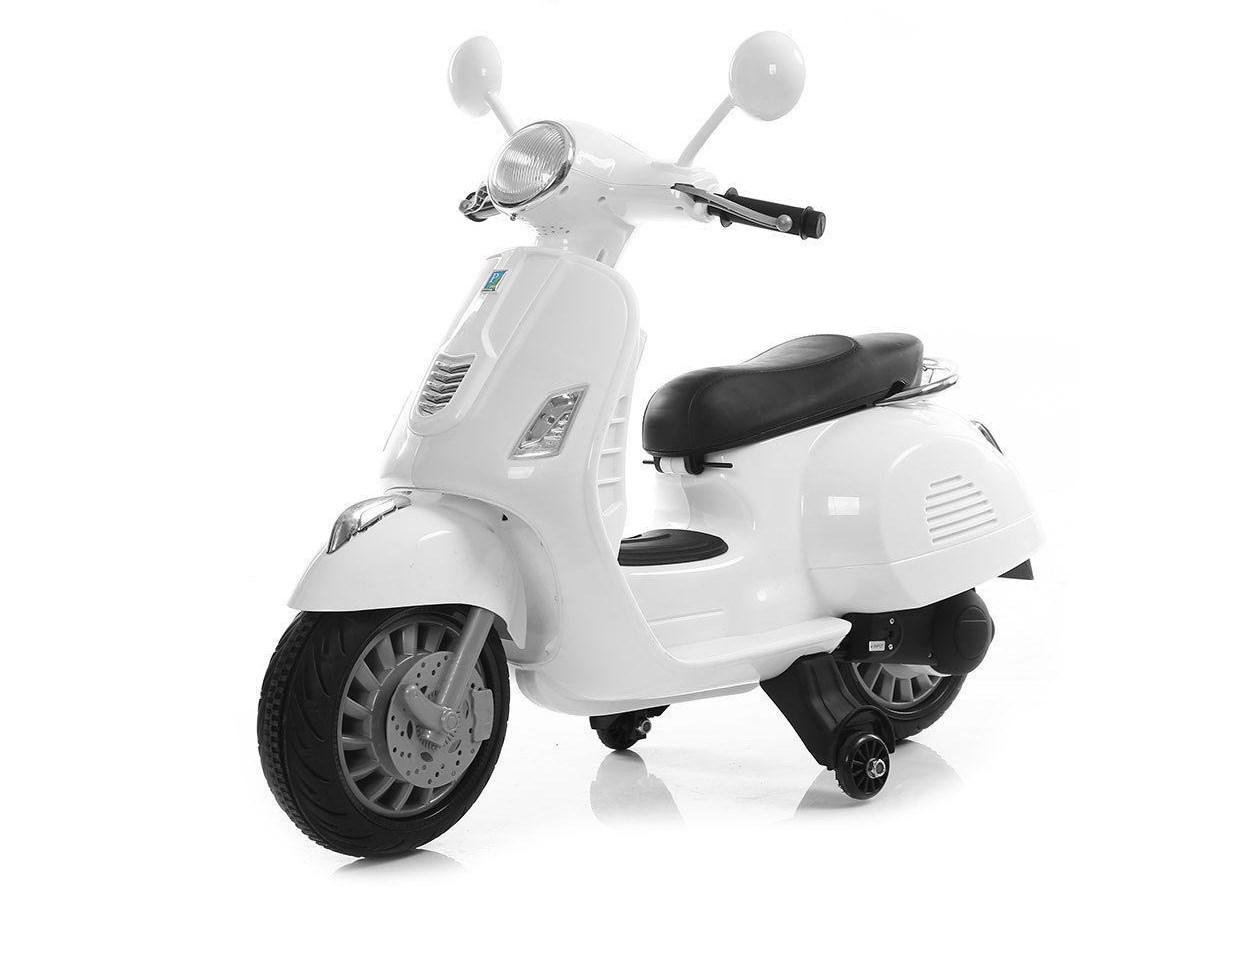 Baby macchinine moto e minimoto everyshop eu everyshop